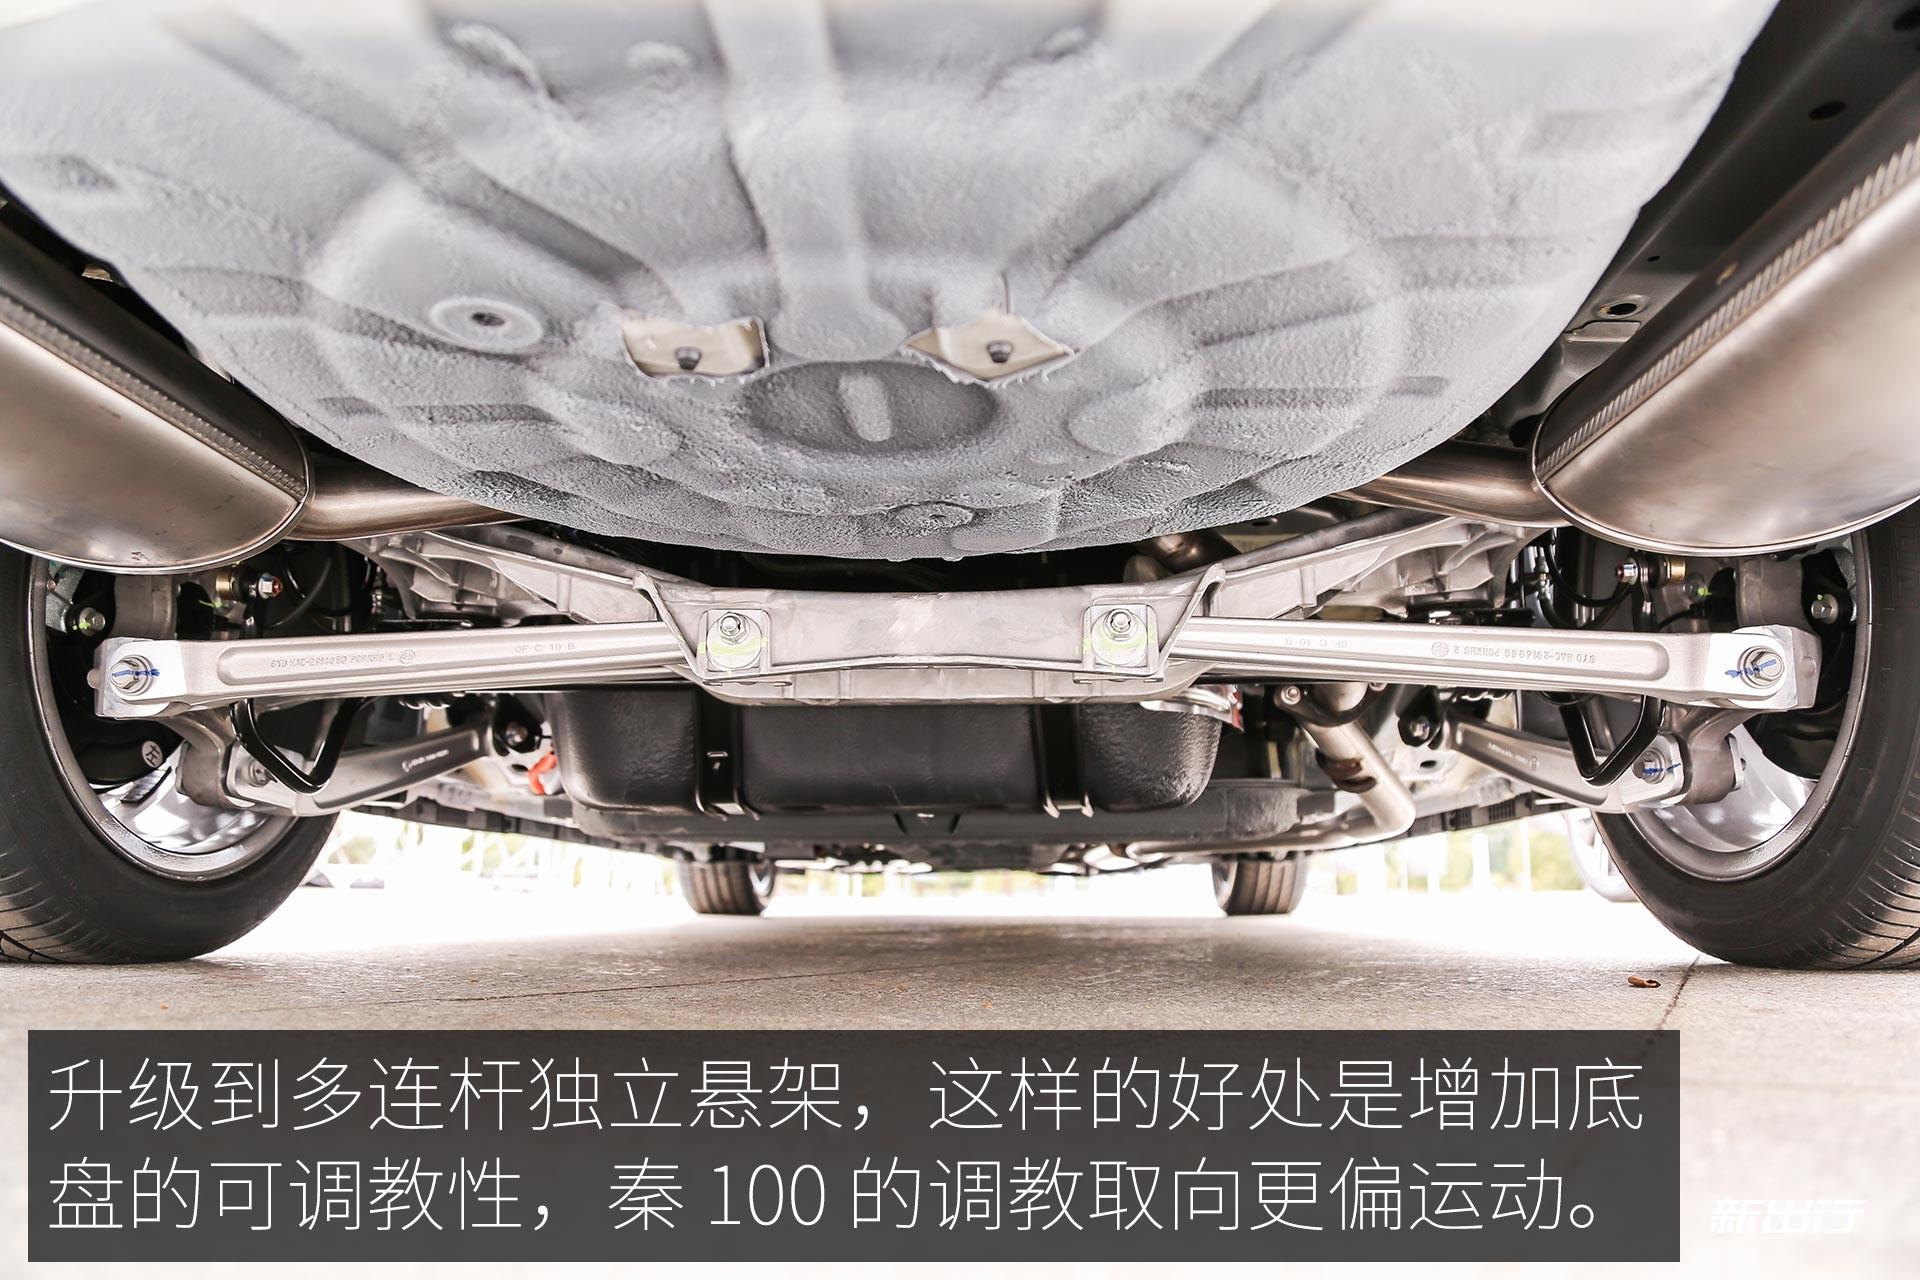 BYD_Qin_100_WG_16_01.jpg